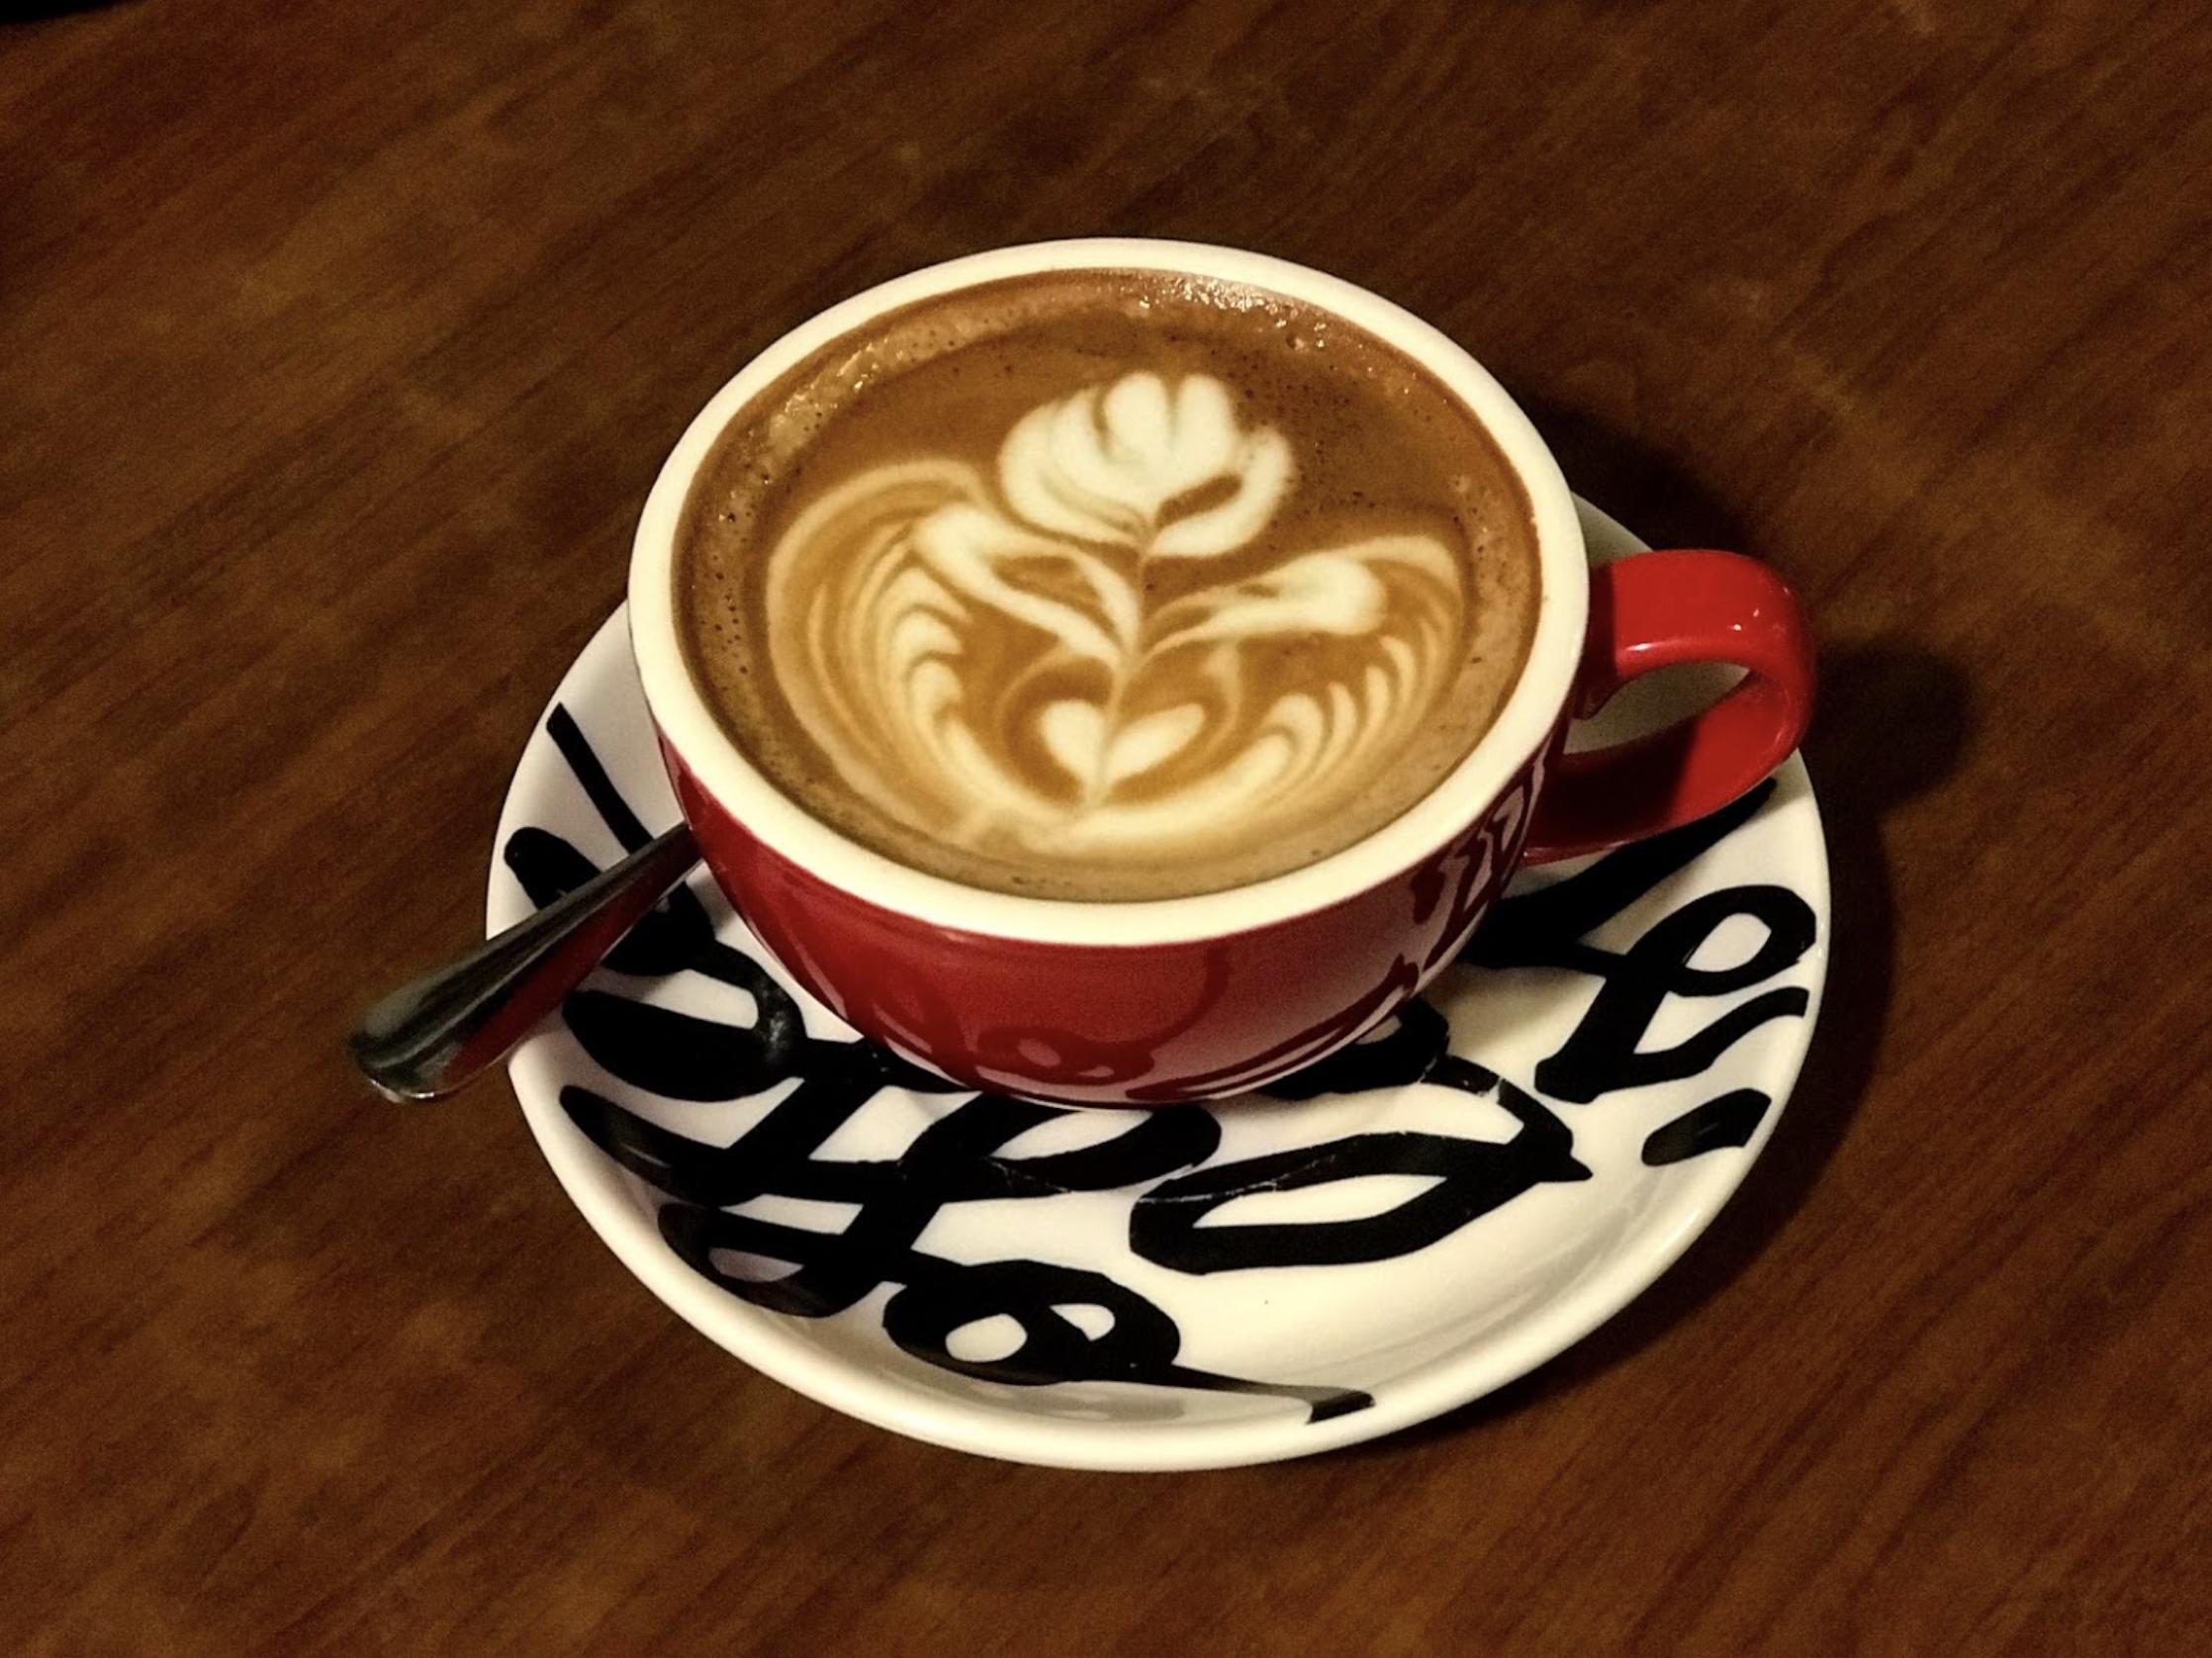 深水埗美食 / 熱朱古力不太甜,而且有拉花,感覺相當美好。 / Café Sausalito / 朱古力咖啡